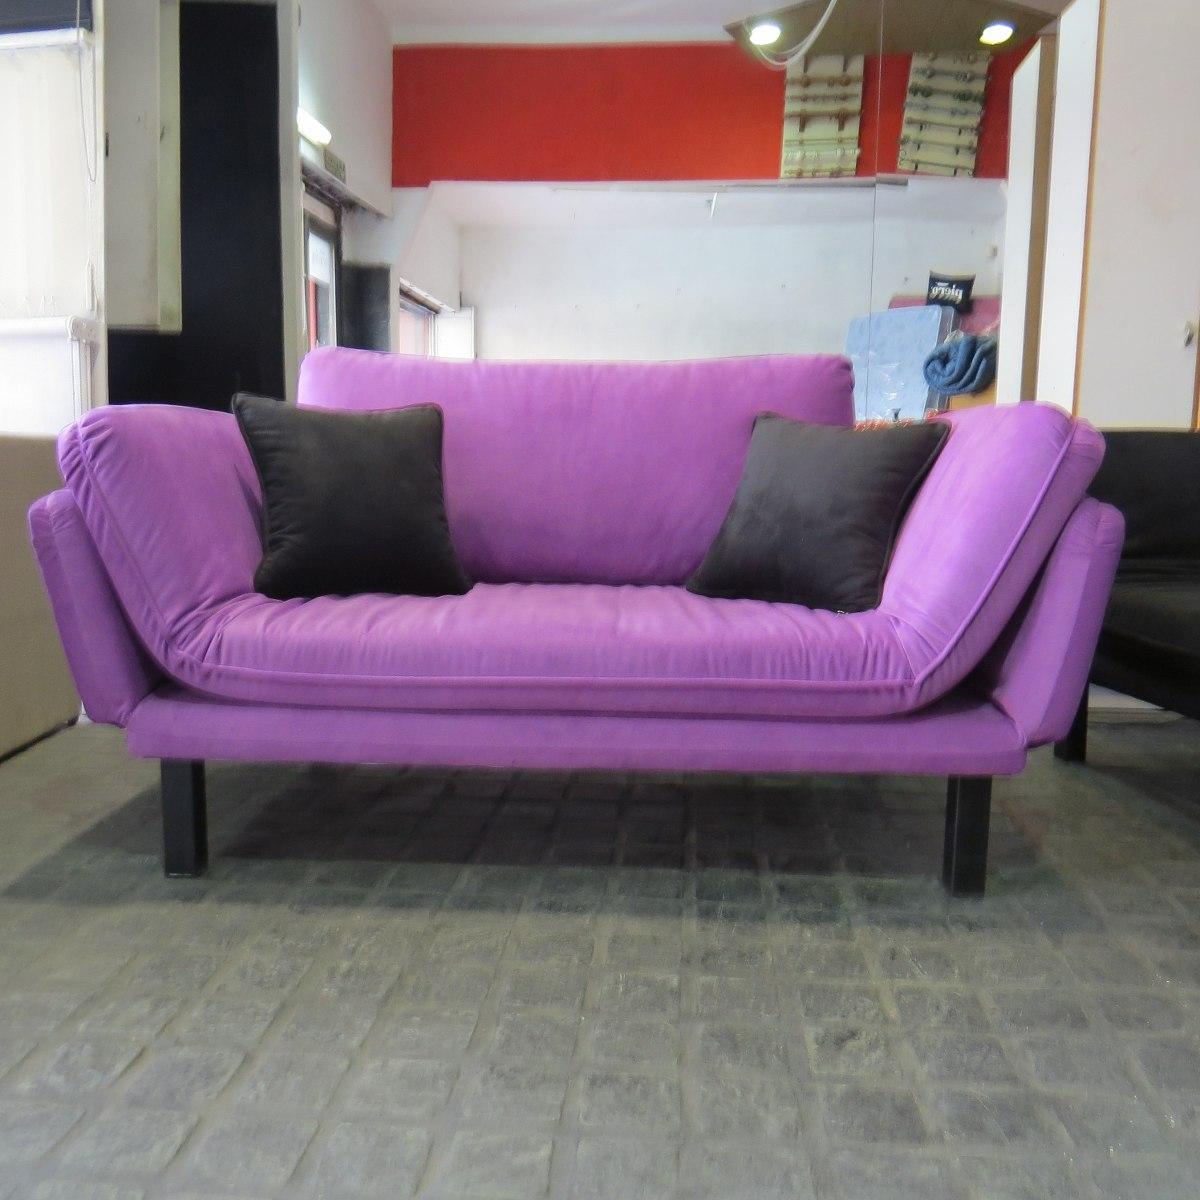 Sofa Camas Convertibles Arco Iris Living En Mercado Libre Argentina